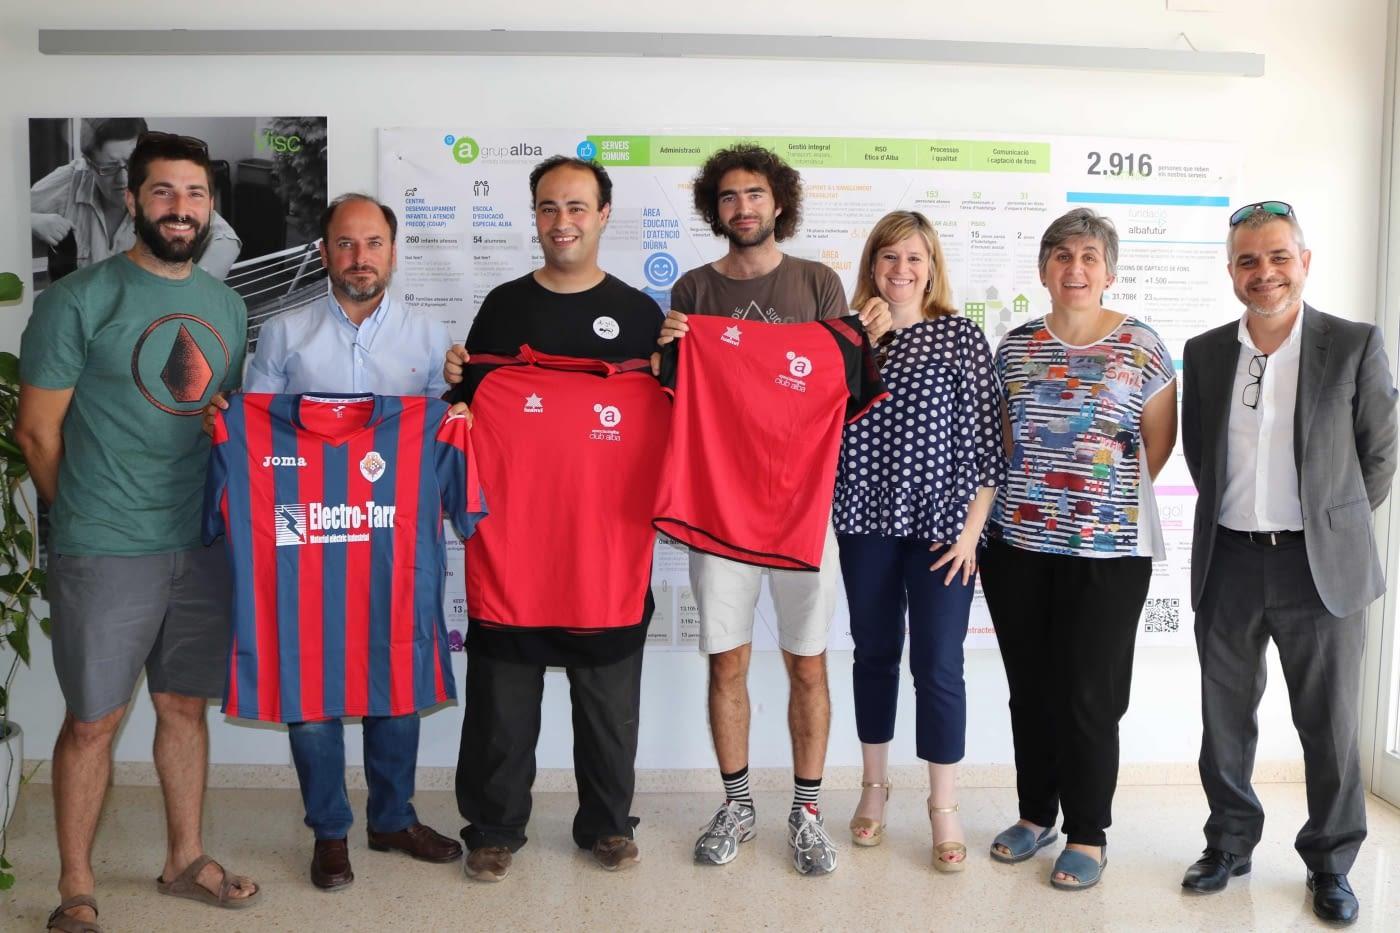 """Conveni a 3 bandes entre la Unió Esportiva Tàrrega, l'Obra Social """"la Caixa"""" i el Grup Alba per fomentar l'accés al camp de futbol del Tàrrega a les persones amb d'altres capacitats"""